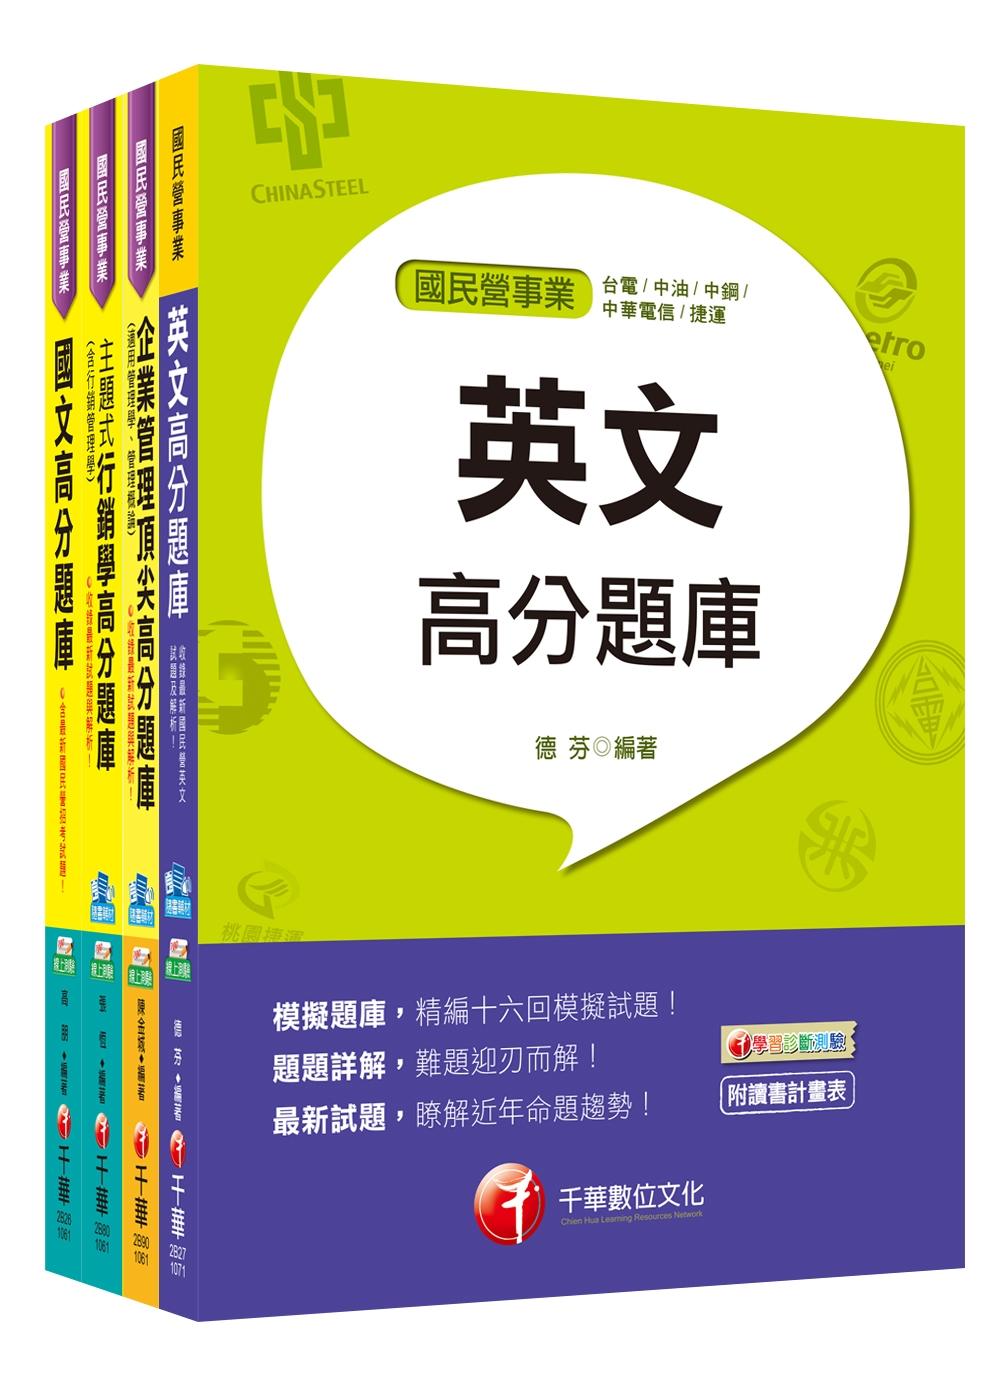 《107年【訪銷】台灣菸酒公司招考評價職位人員題庫版套書》 商品條碼,ISBN:9999245510720